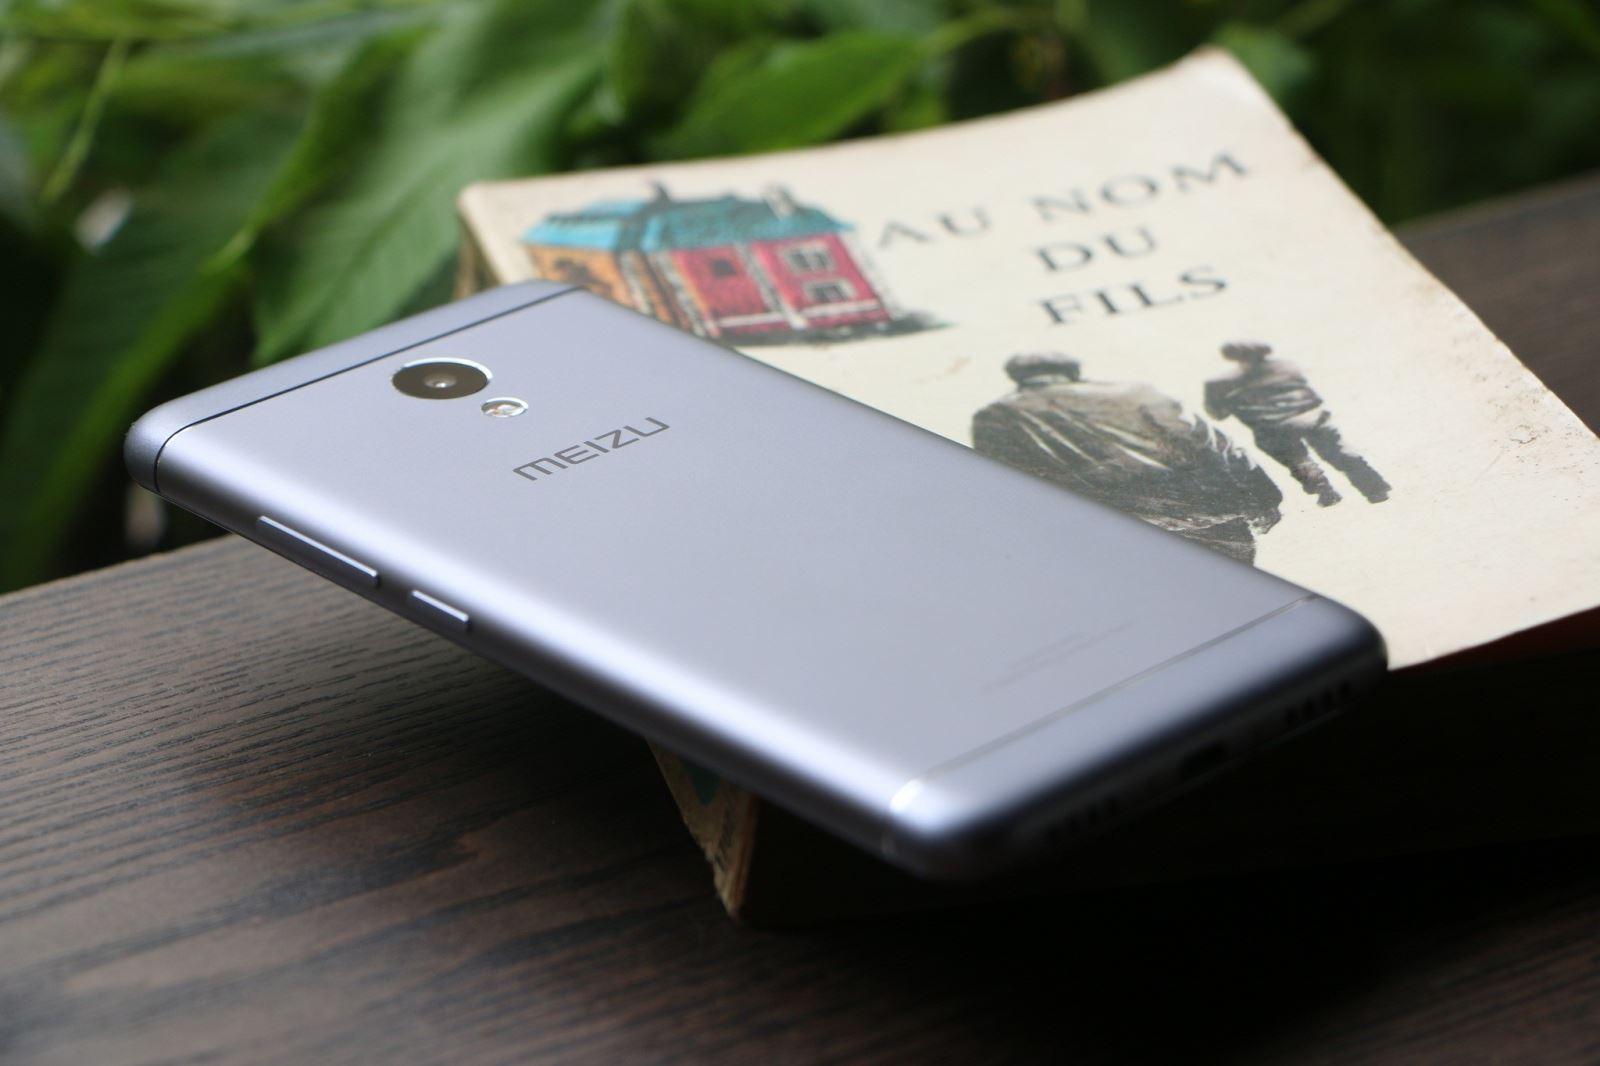 4 điện thoại Meizu đáng móc hầu bao nhất hiện nay 3